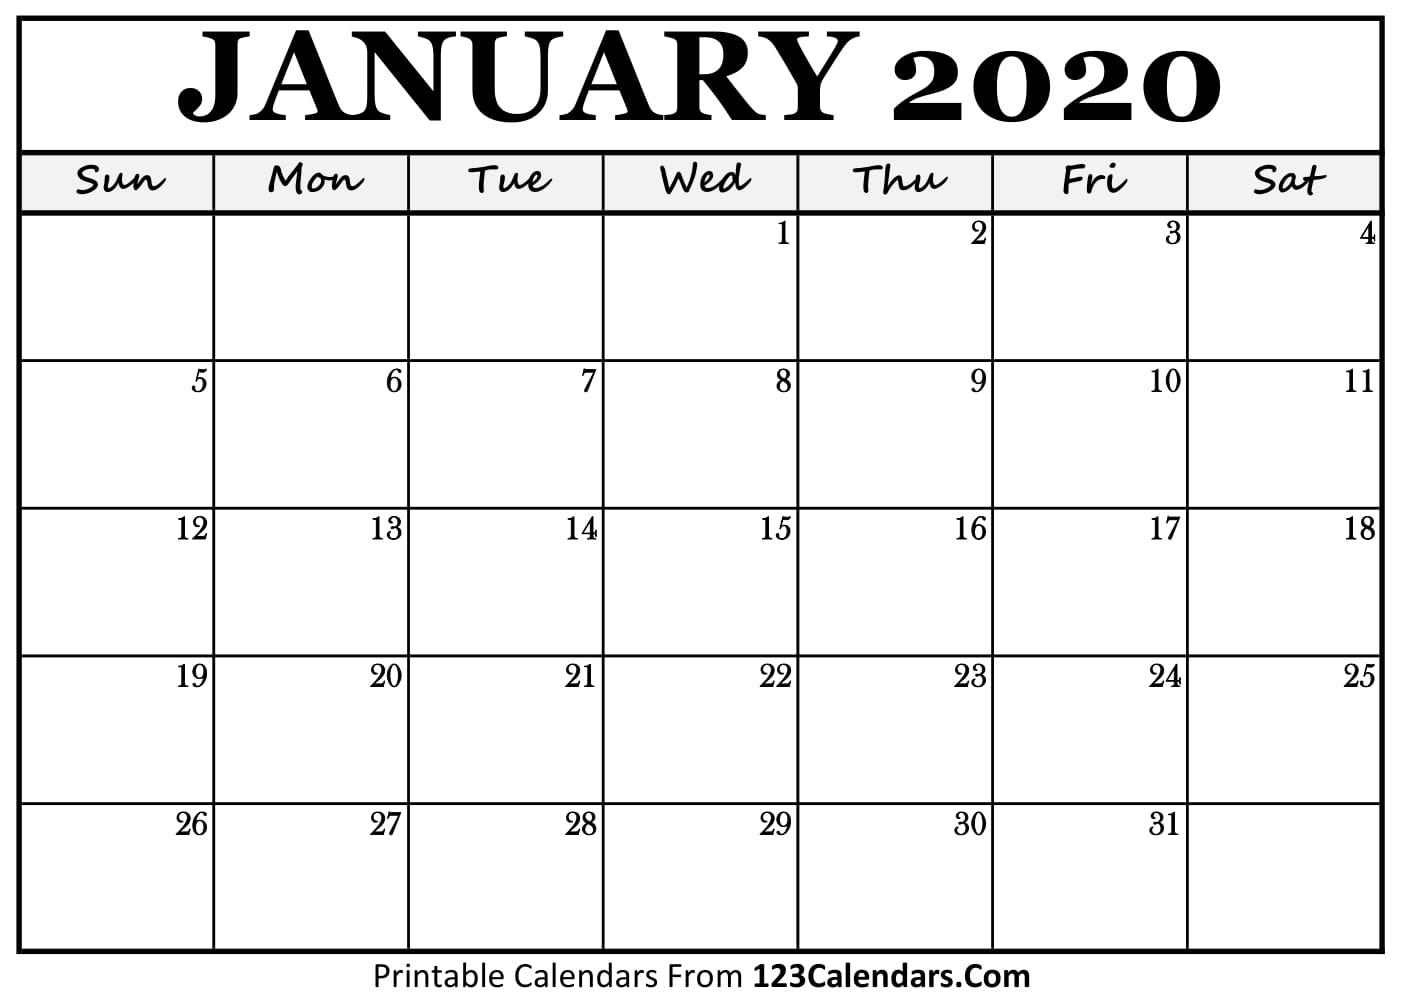 Free Calendar Template June 2019 - January 2020 Printable Calendar within Free Printed Calendars From June 2019 To June 2020